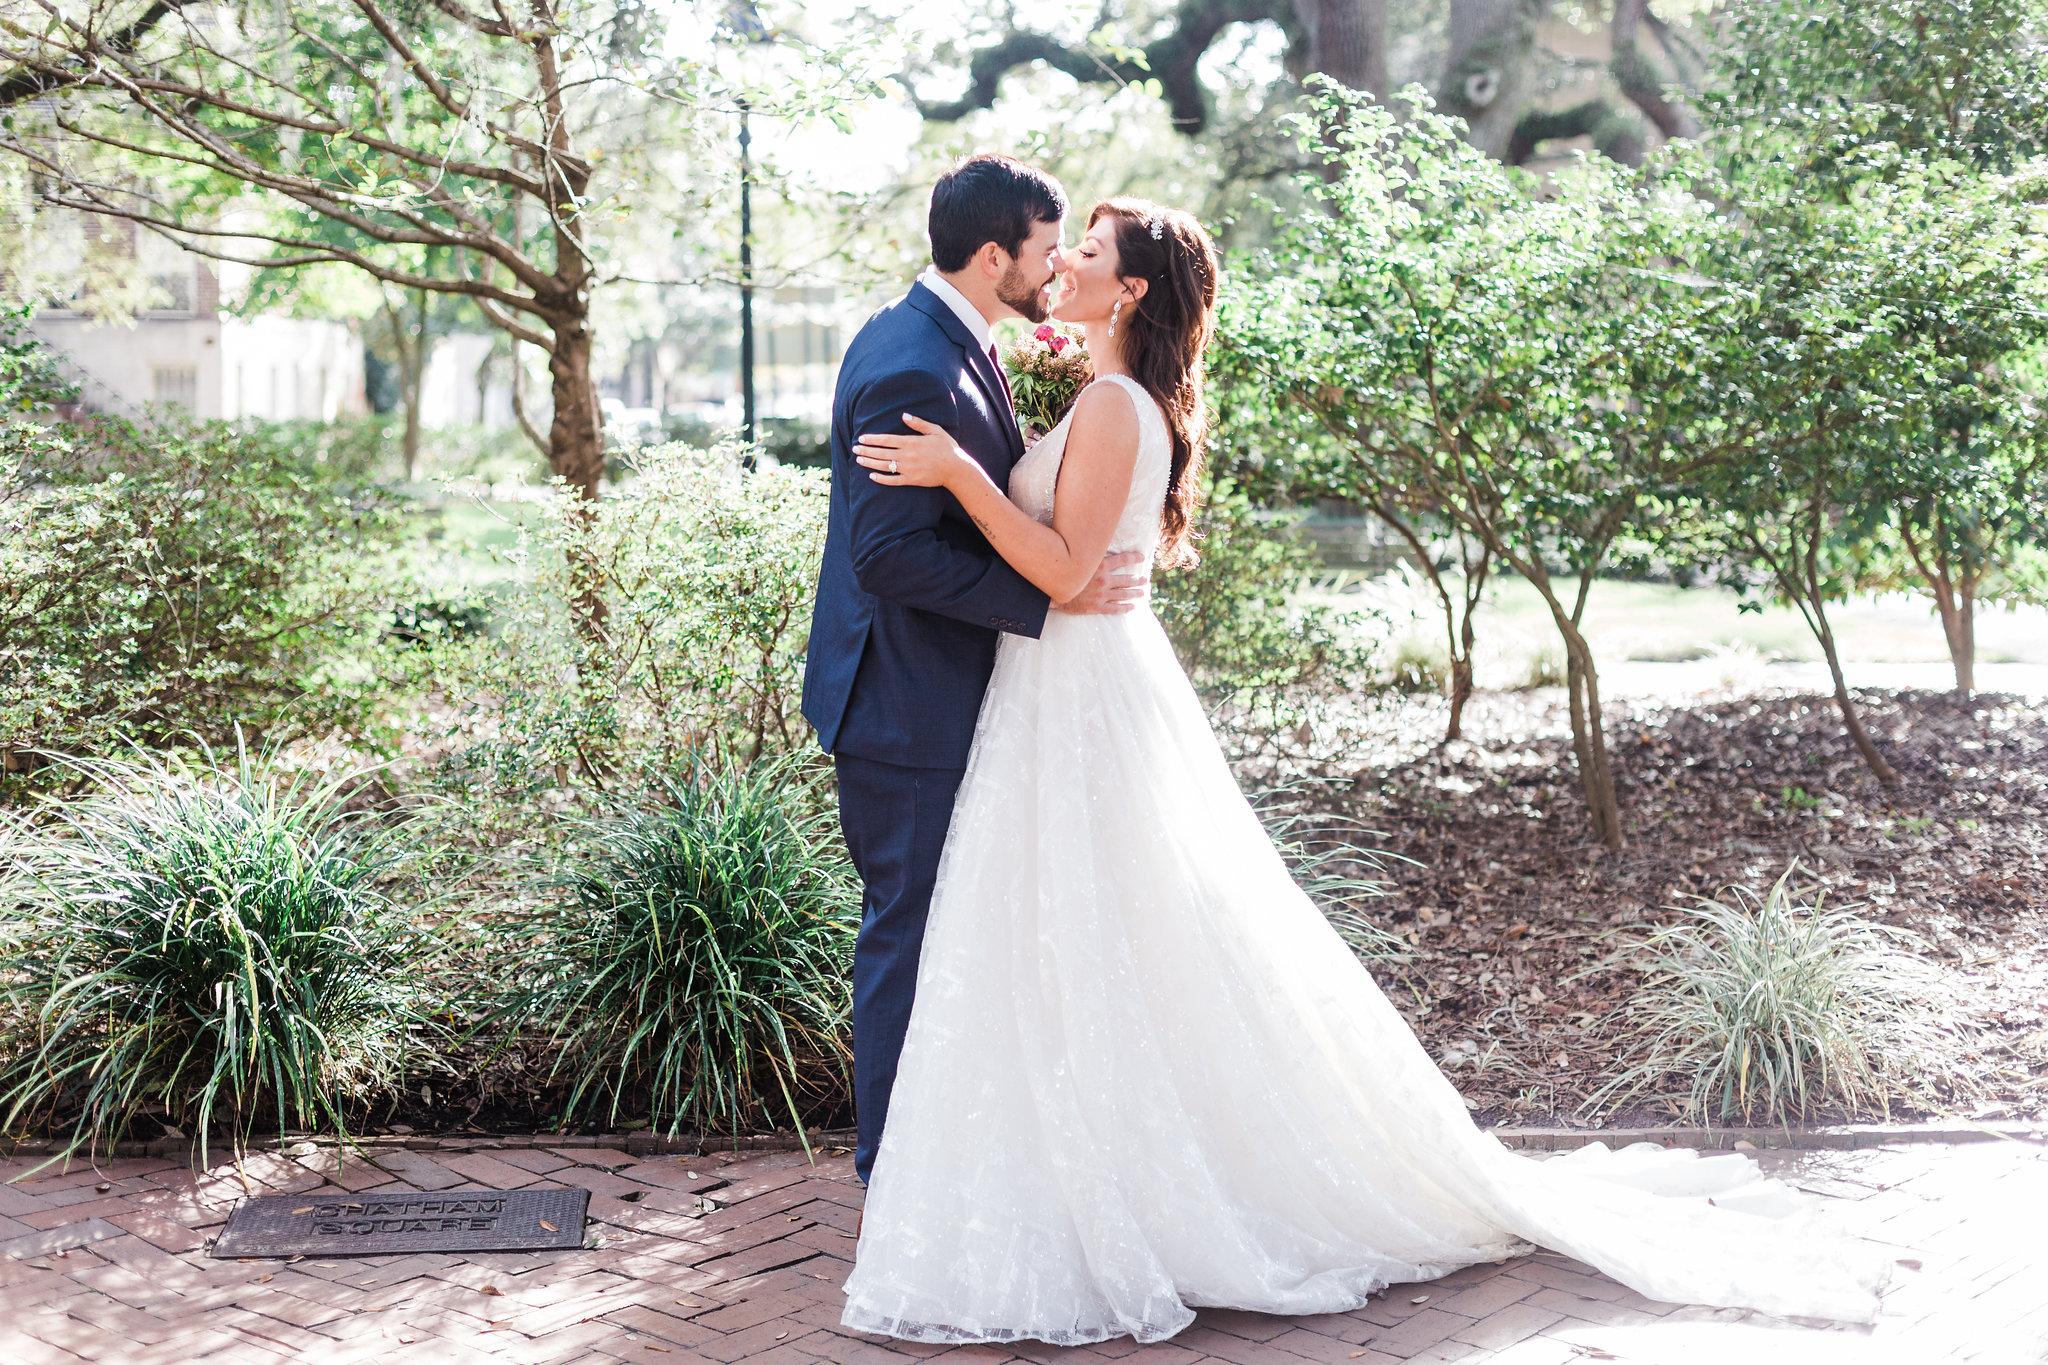 apt-b-photography-lindsey-shawn-Savannah-wedding-photographer-savannah-elopement-photographer-historic-savannah-elopement-savannah-weddings-hilton-head-wedding-photographer-jekyll-island-wedding-photographer-31.jpg